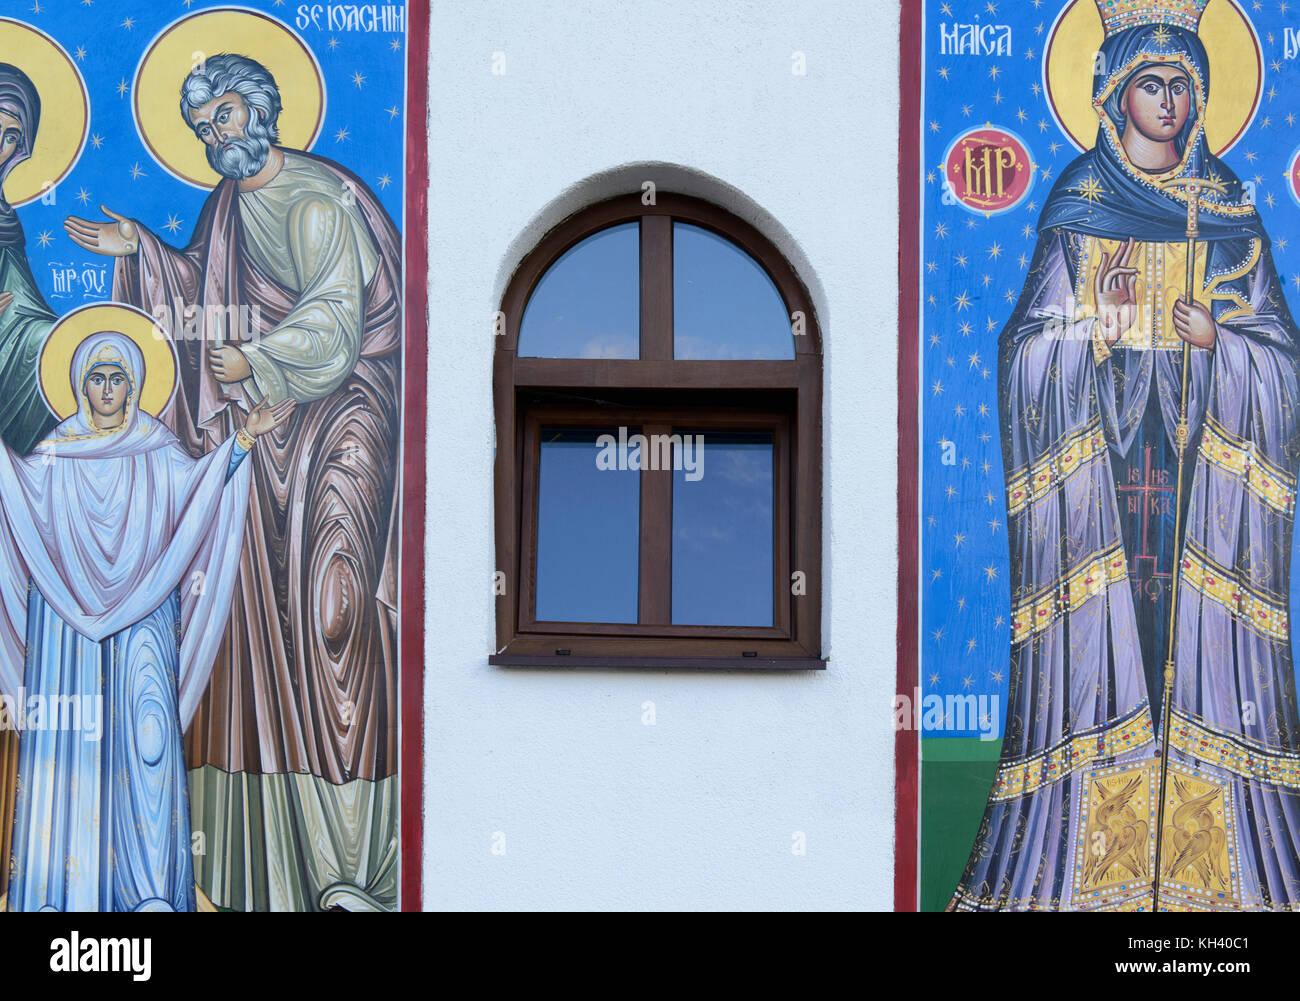 Church wall murals stock photos church wall murals stock for Church wall mural